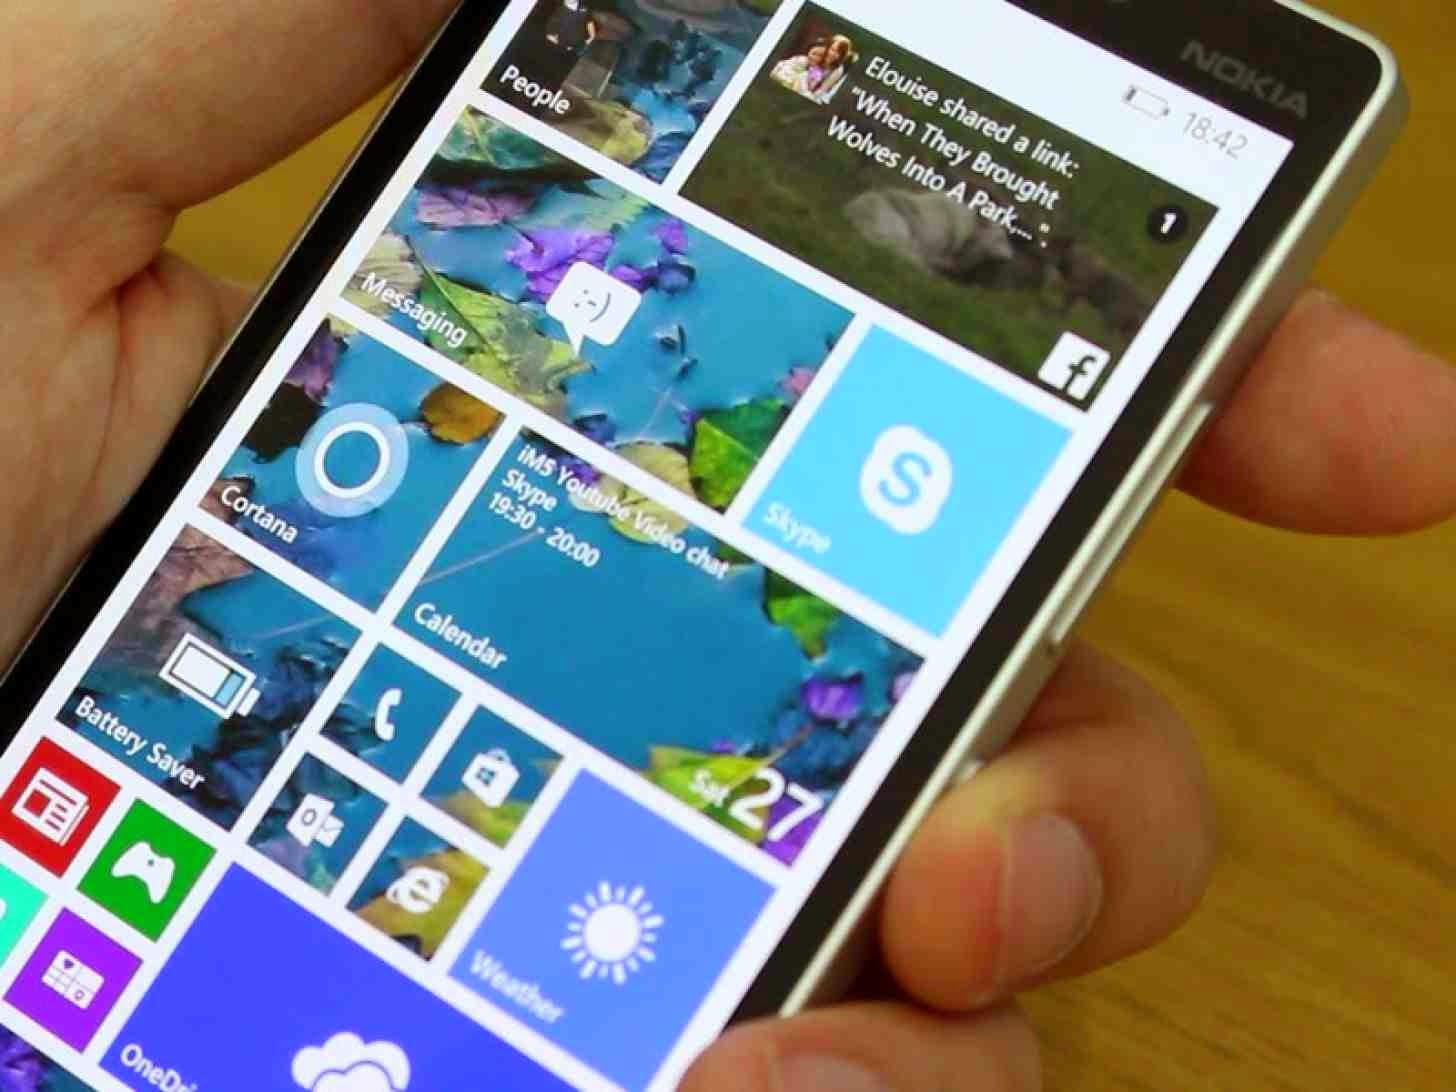 الخبير صورة الإصدار التجريبي من ويندوز 10 هاتف مايكروسوفت لوميا